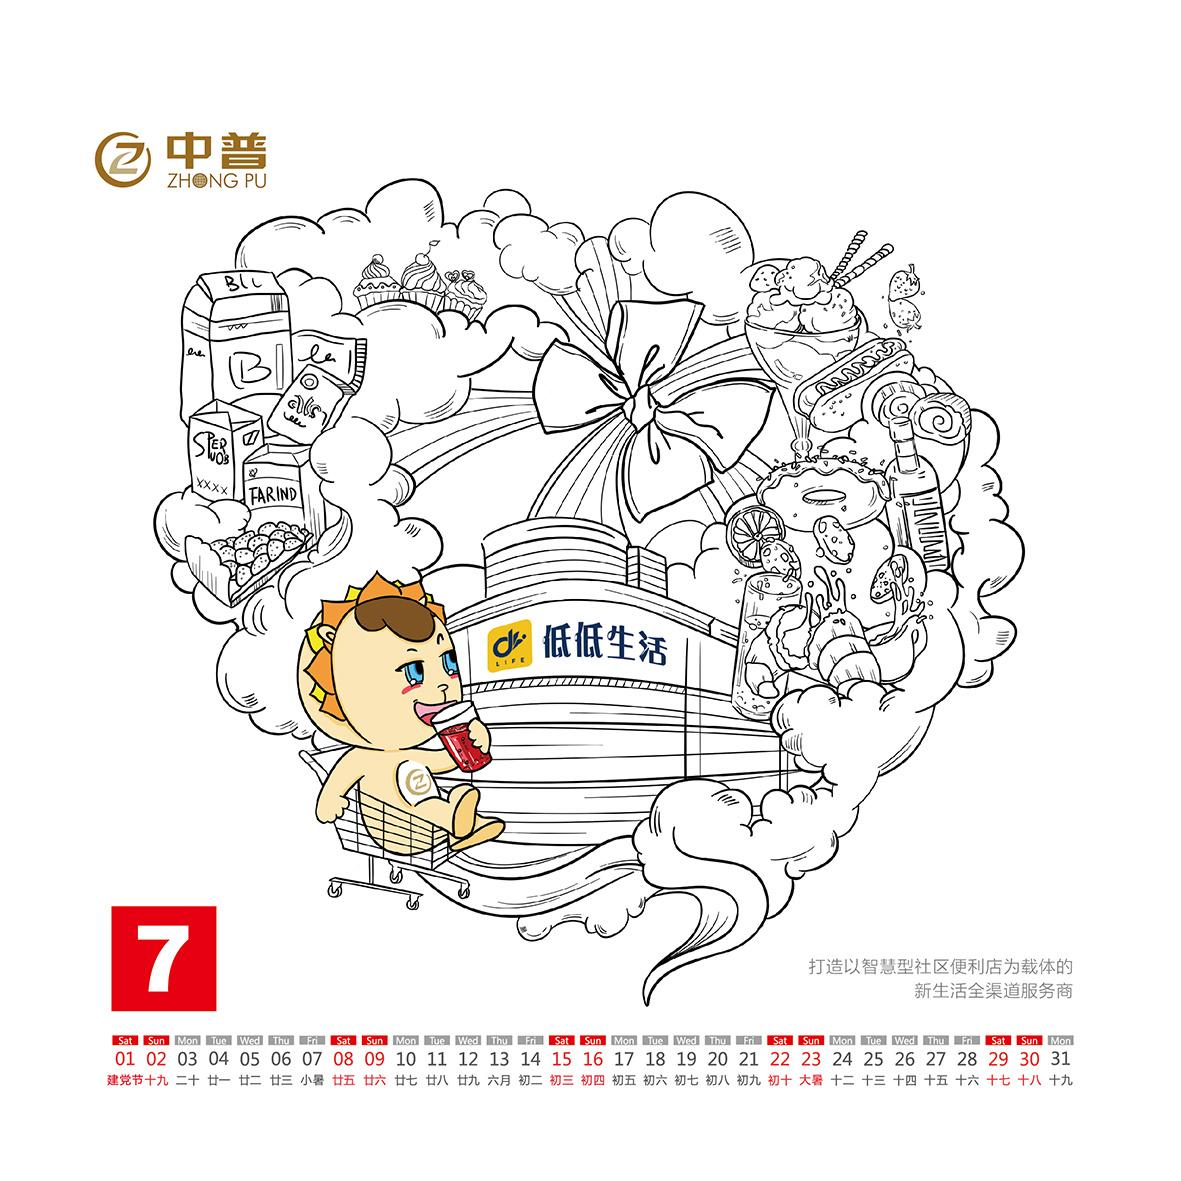 2018年手绘吉祥物插画台历